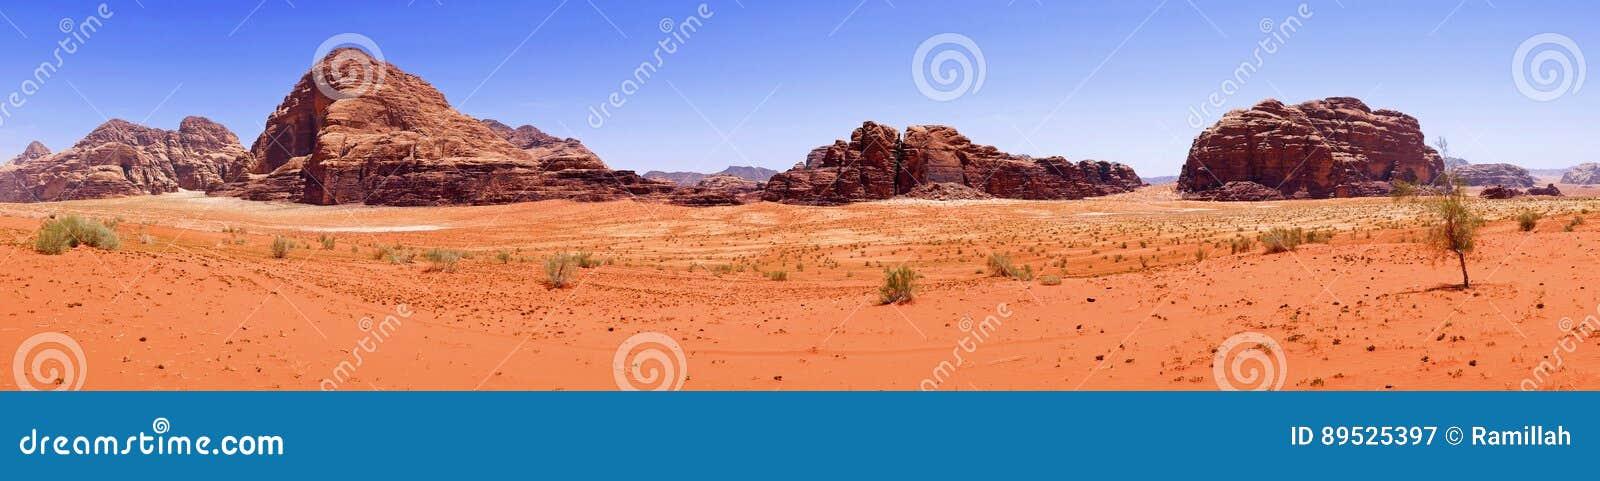 Deserto vermelho da areia da vista panorâmica cênico bonita do cenário e paisagem antiga das montanhas do arenito em Wadi Rum, Jo